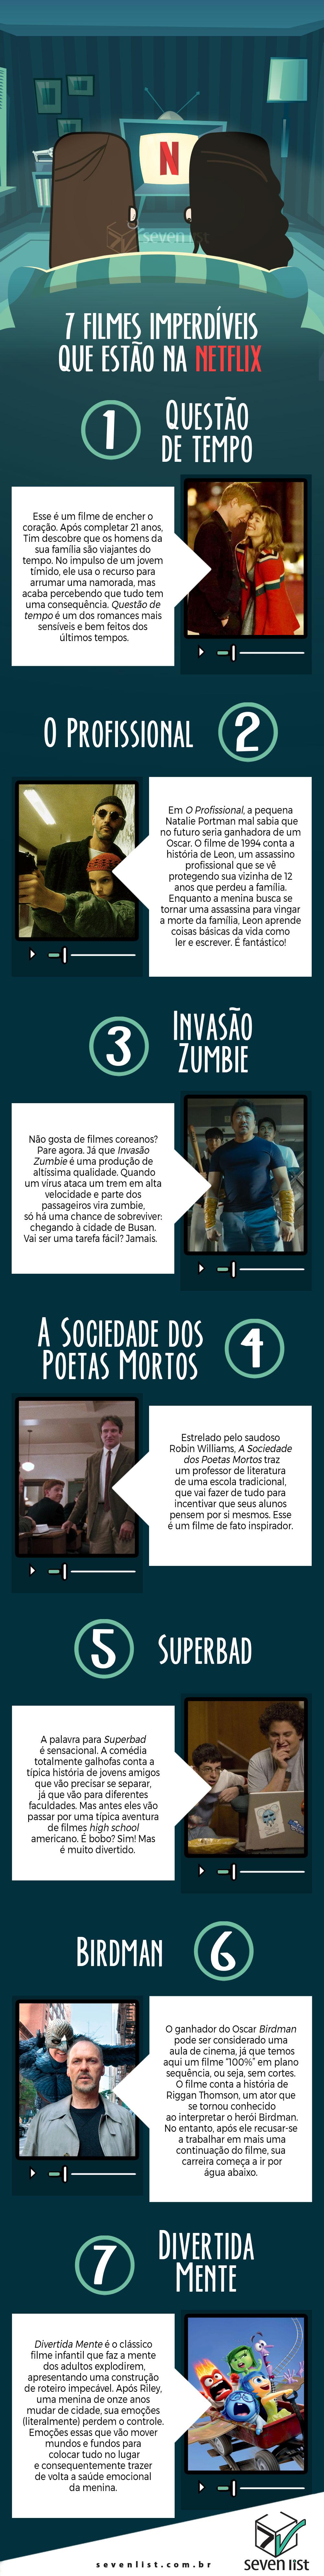 7 FILMES IMPERDÍVEIS QUE ESTÃO NA NETFLIX - NETFLIX - SEVEN LIST